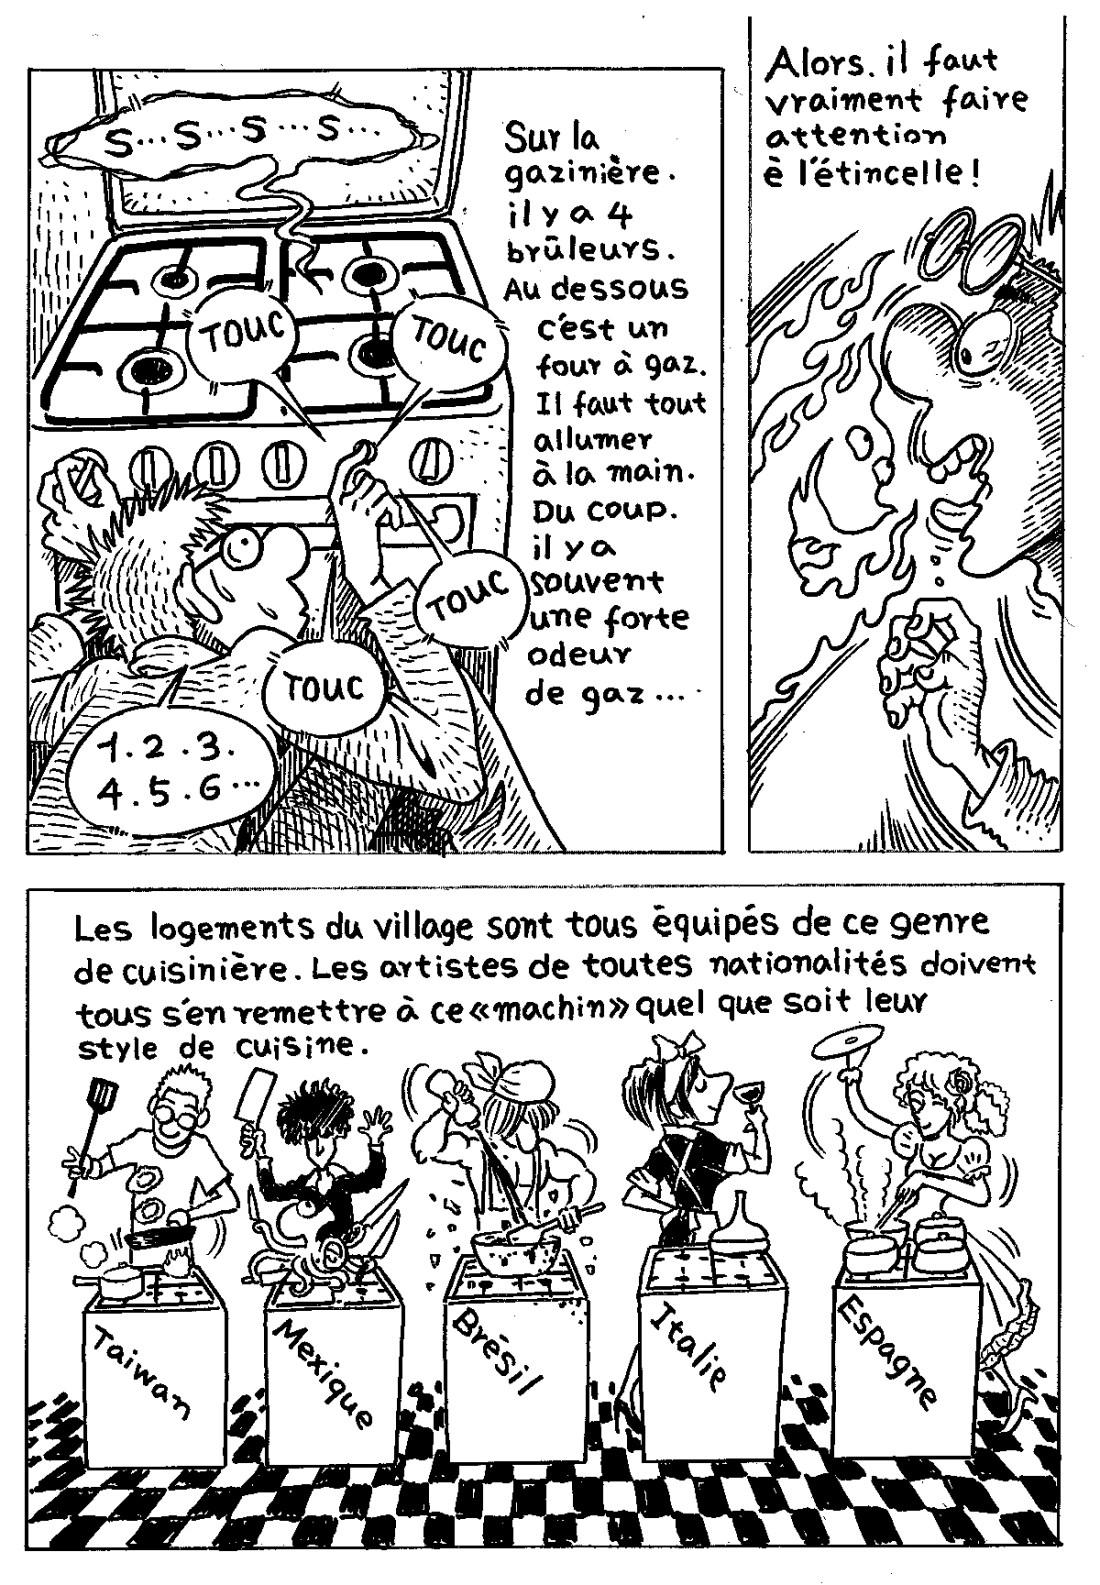 angouleme145